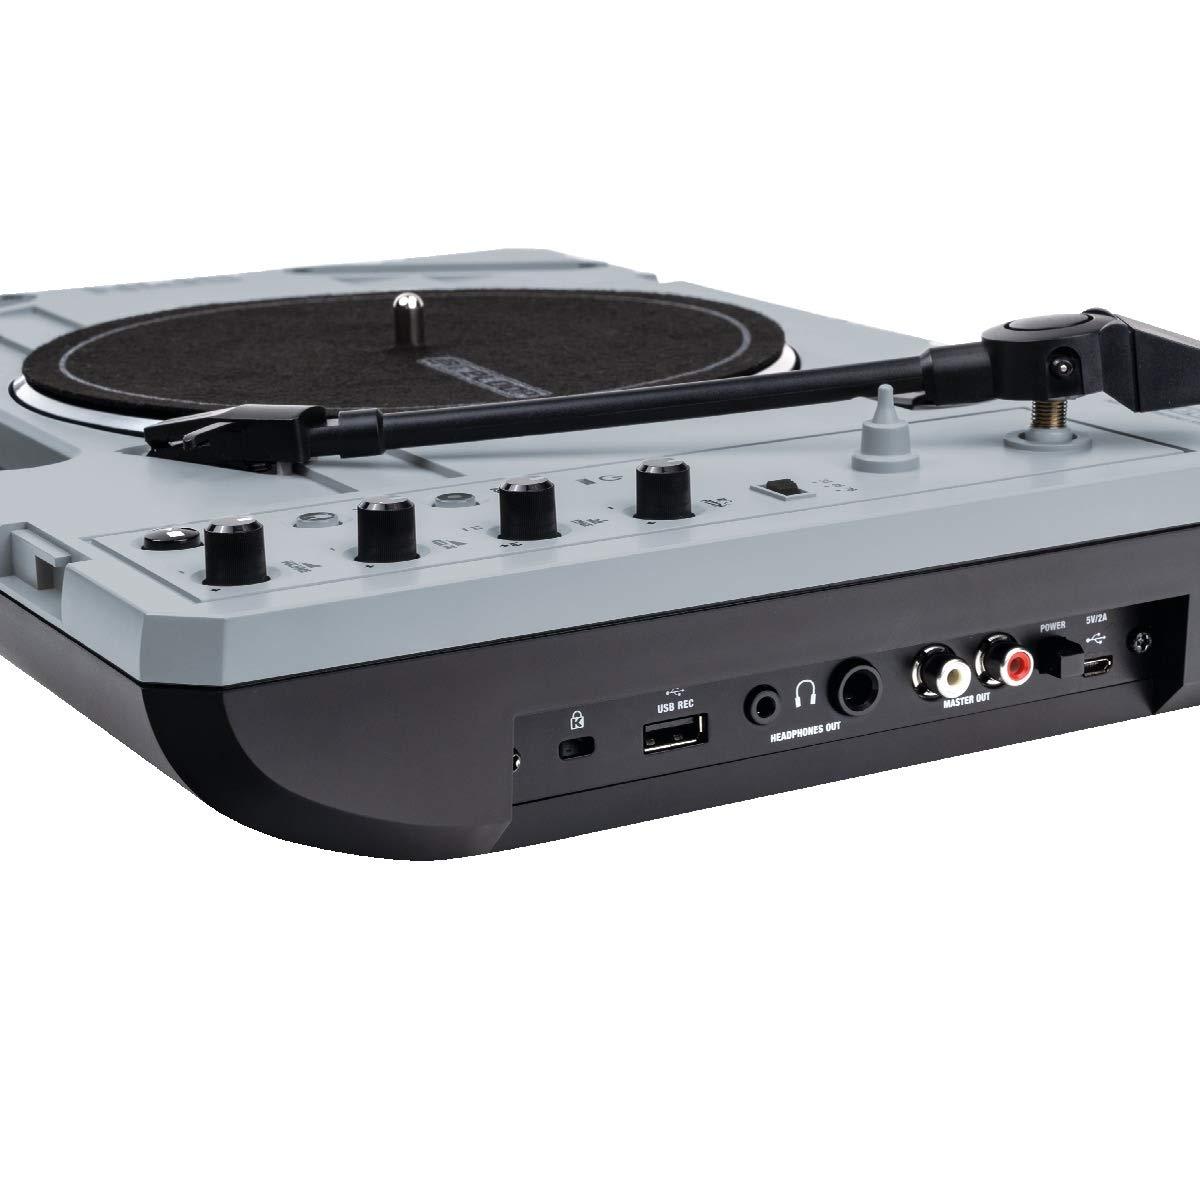 Amazon.com: Reloop Spin, sistema de tocadiscos portátil ...